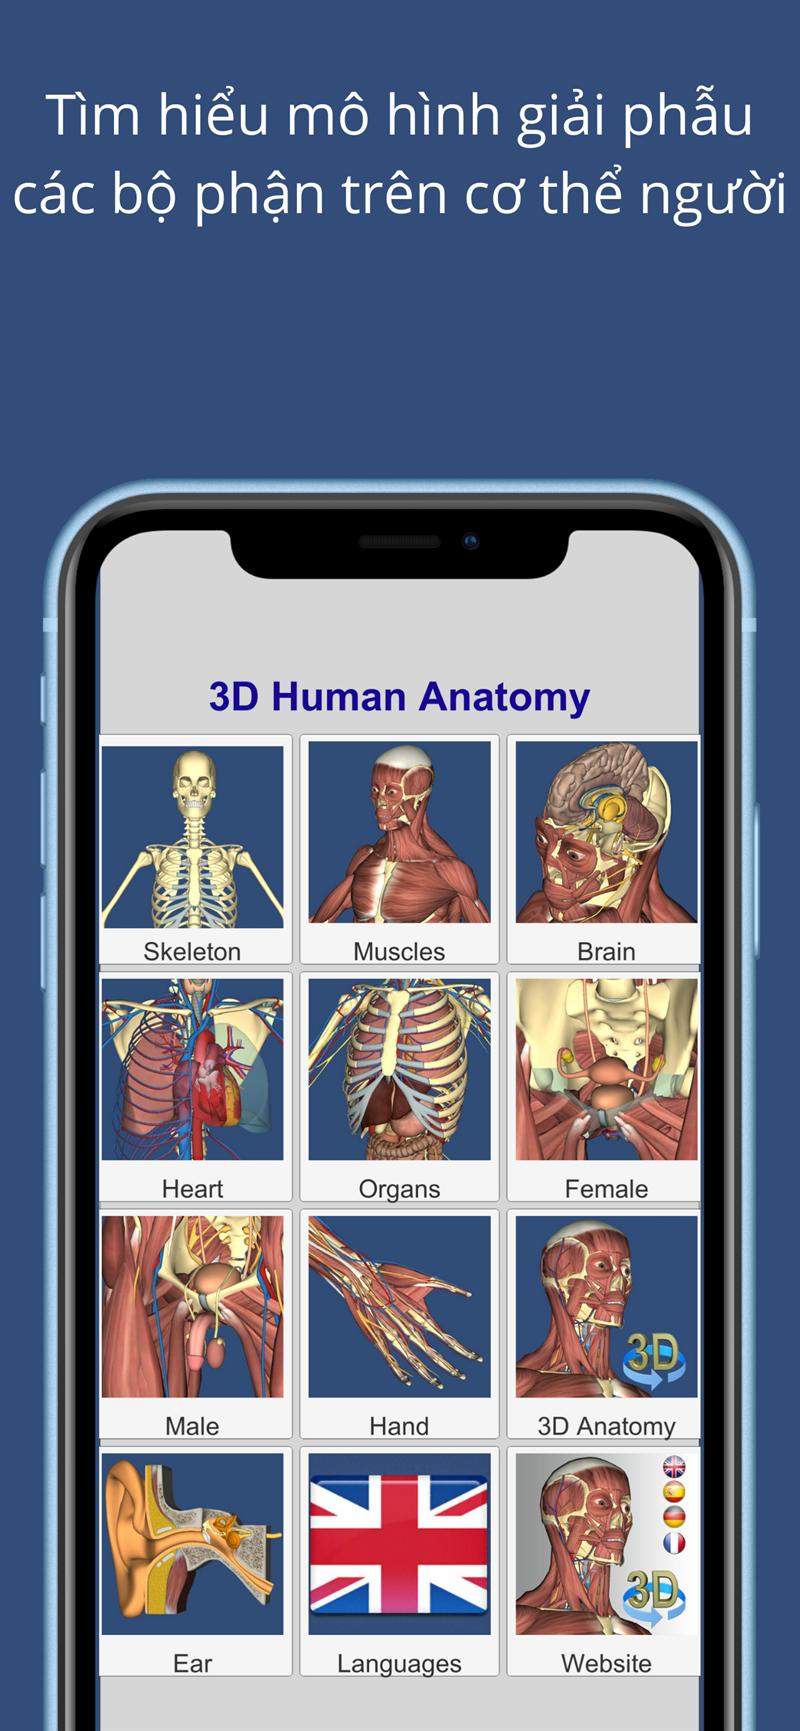 Tìm hiểu mô hình giải phẫu các bộ phận trên cơ thể người